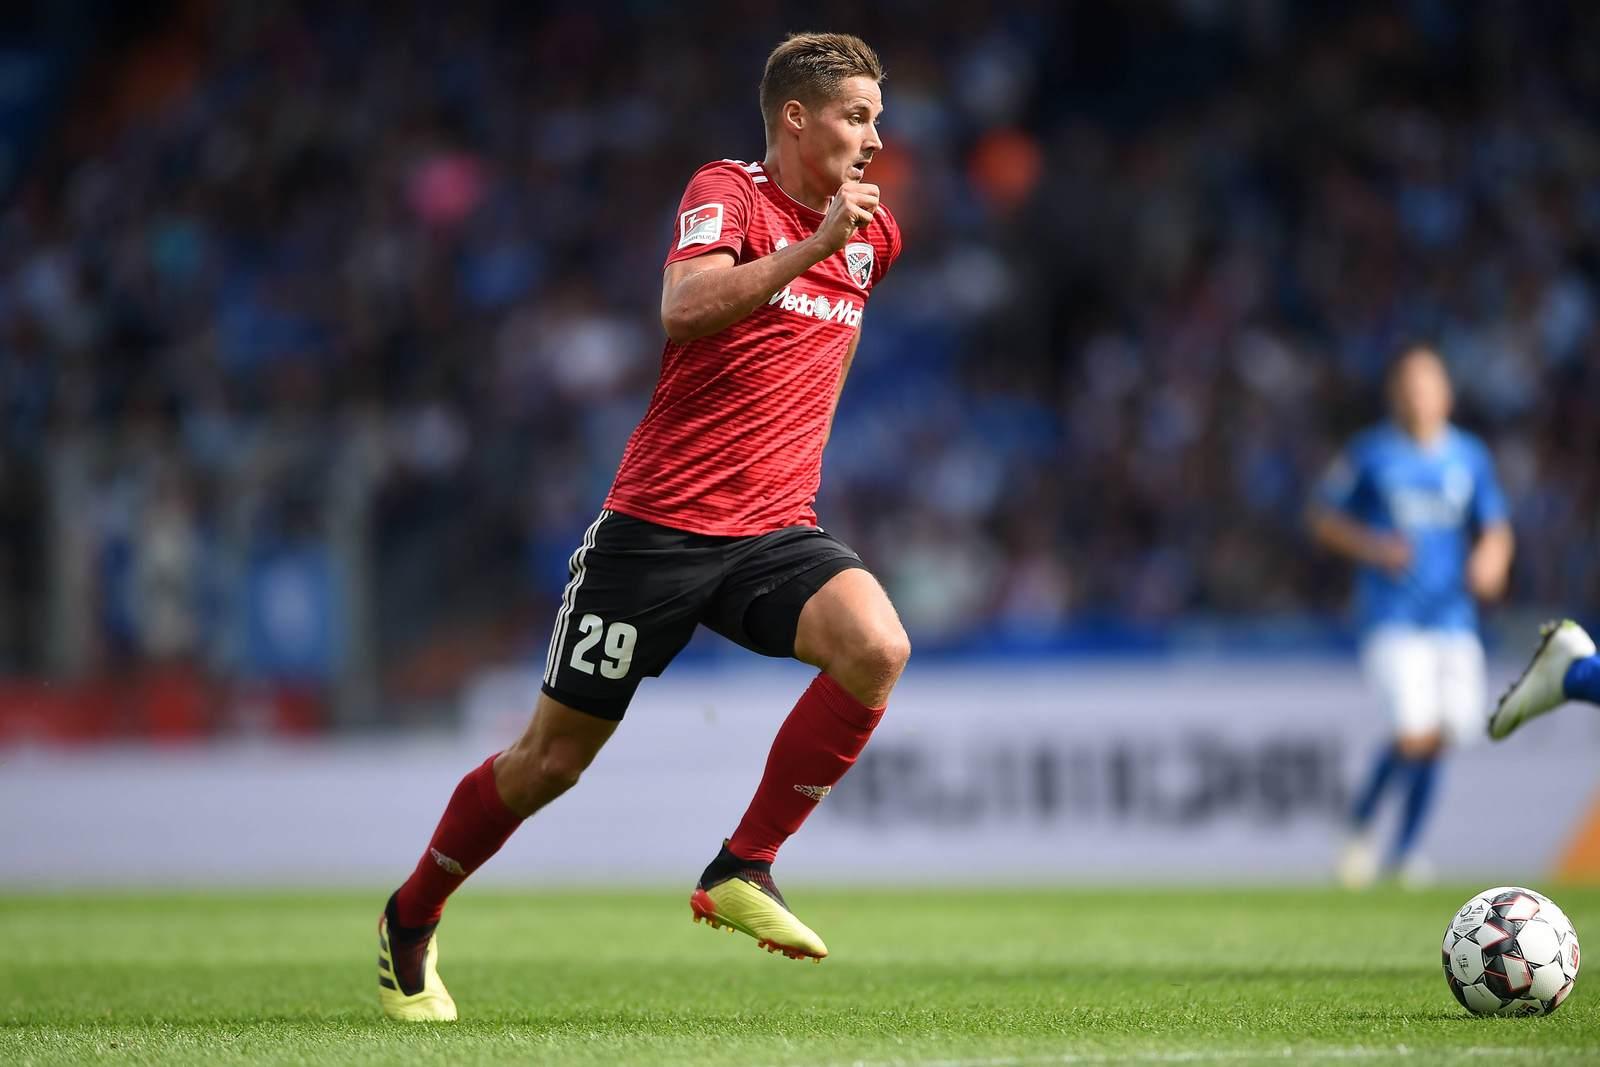 Thorsten Röcher am Ball für den FC Ingolstadt